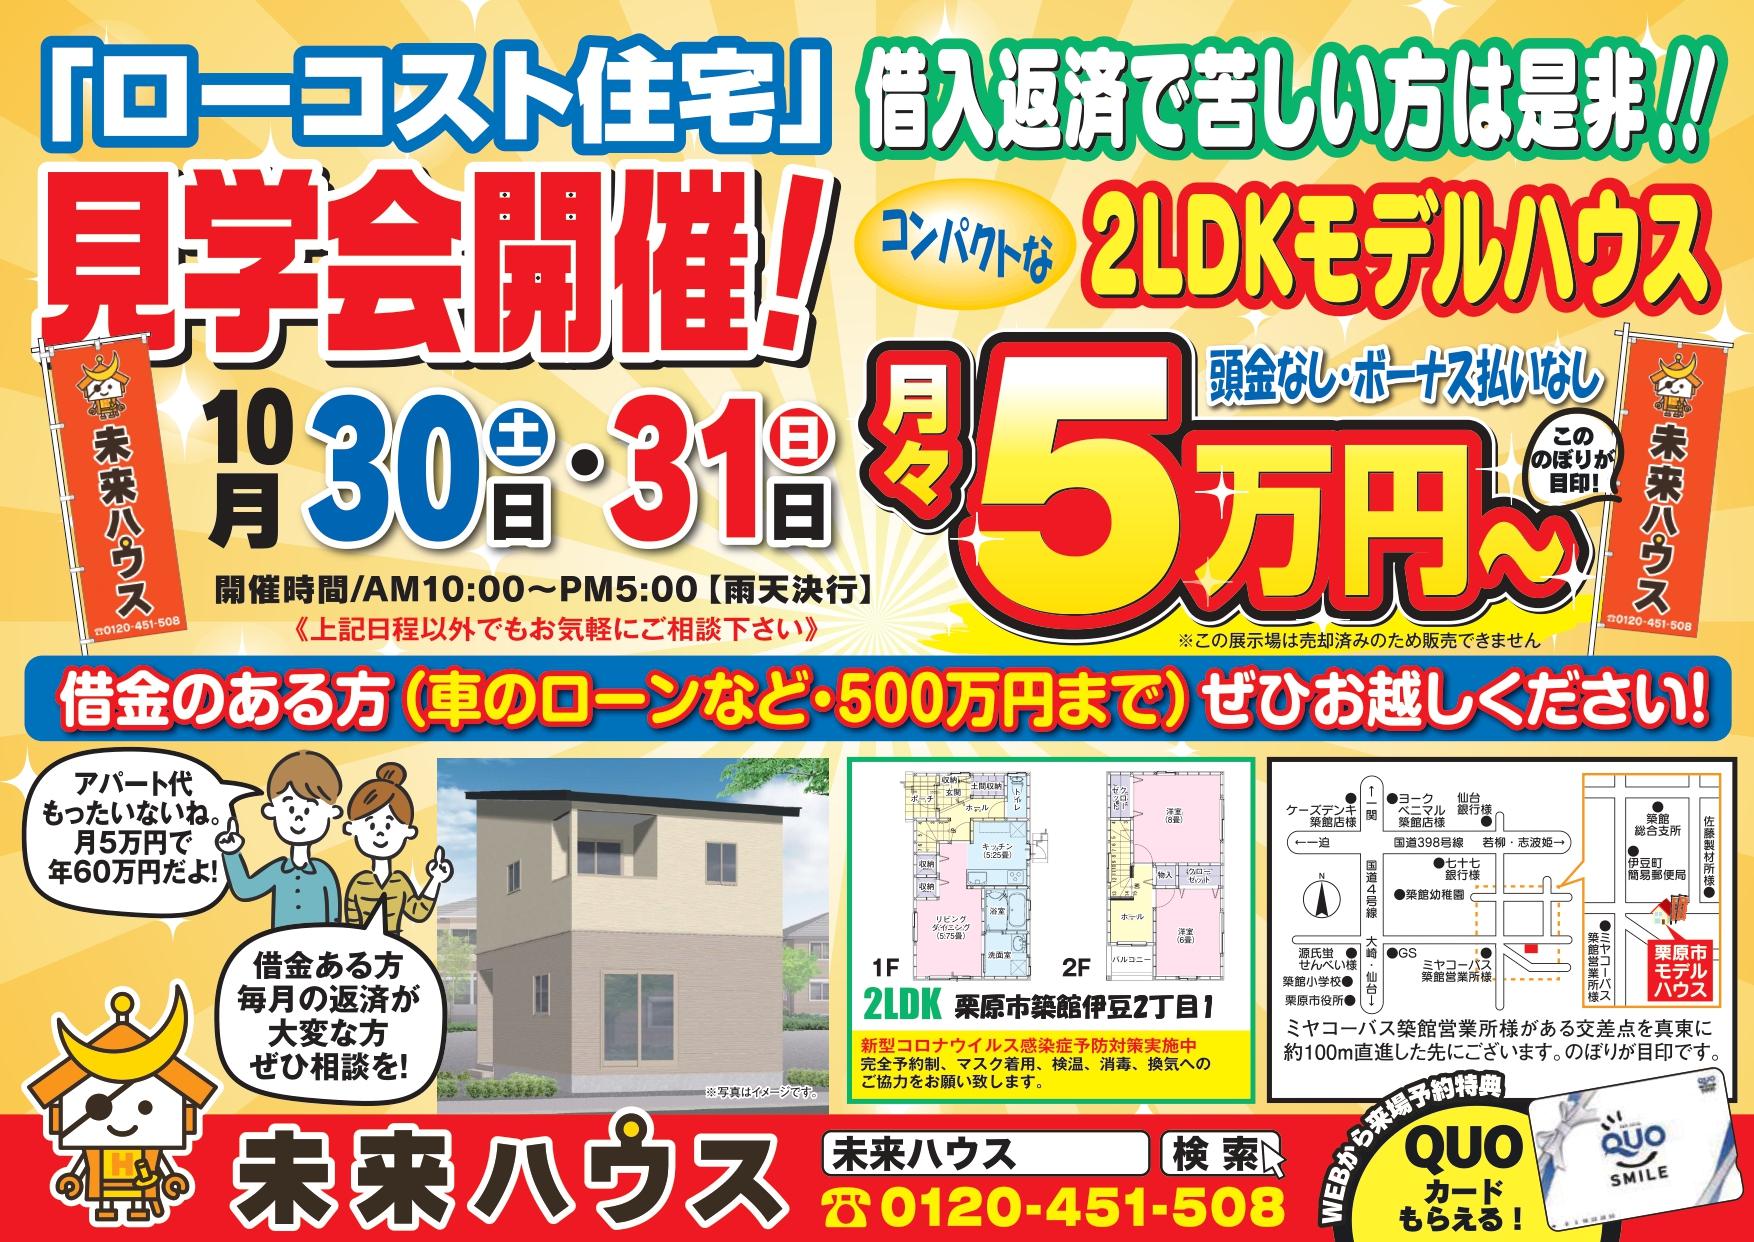 10月30日(土)・10月31日(日) 栗原市モデルハウス見学会